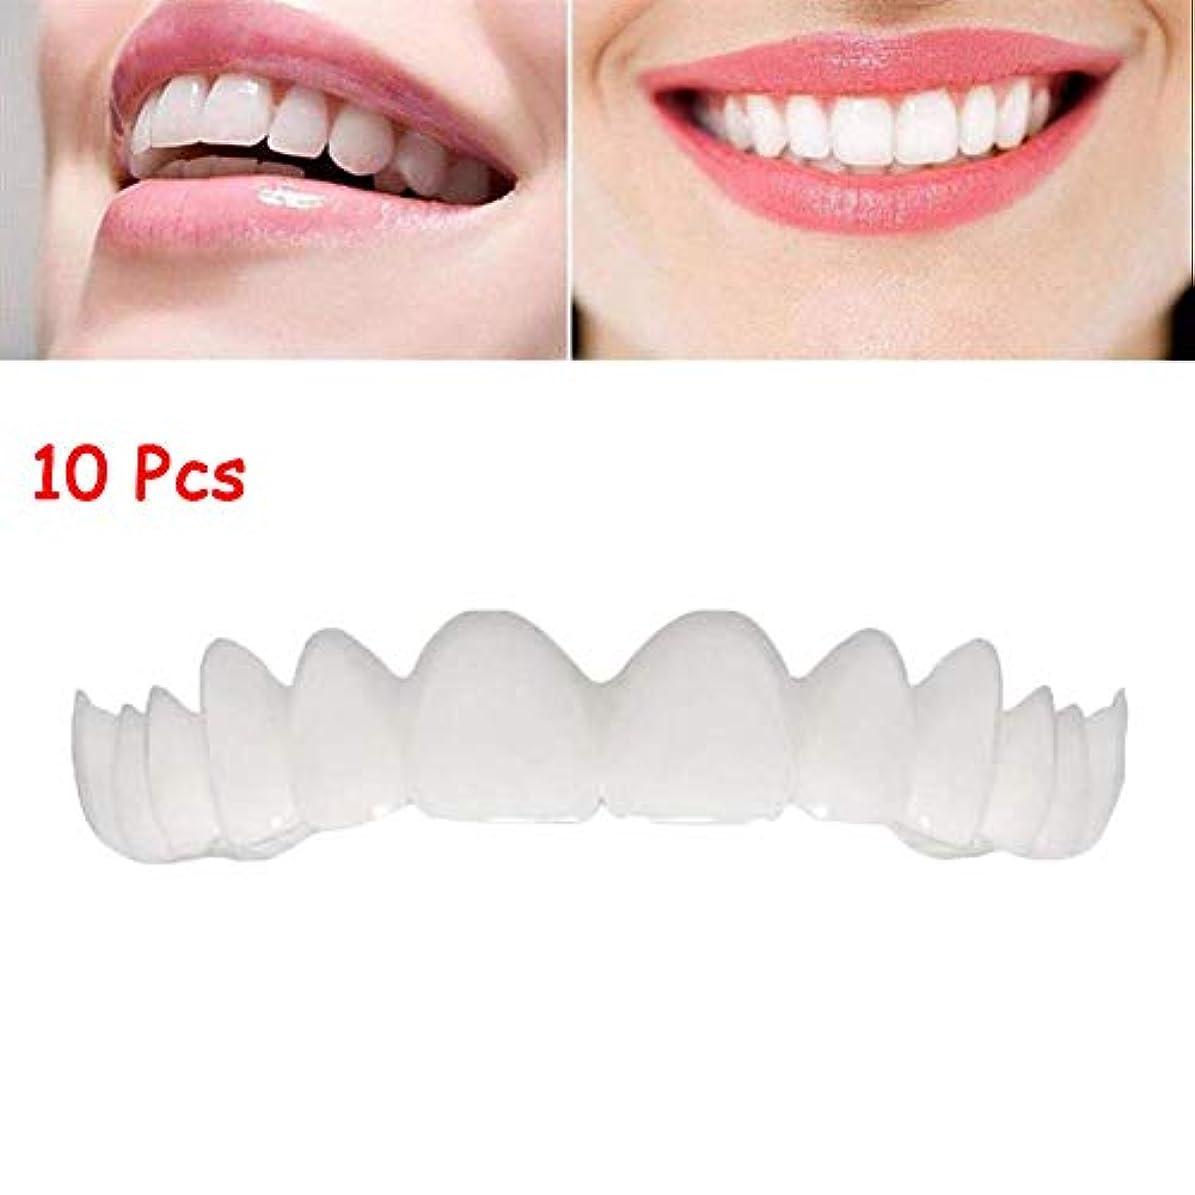 アルファベット順でも海外で10個の一時的な化粧品の歯の義歯は歯を白くするブレースを模擬